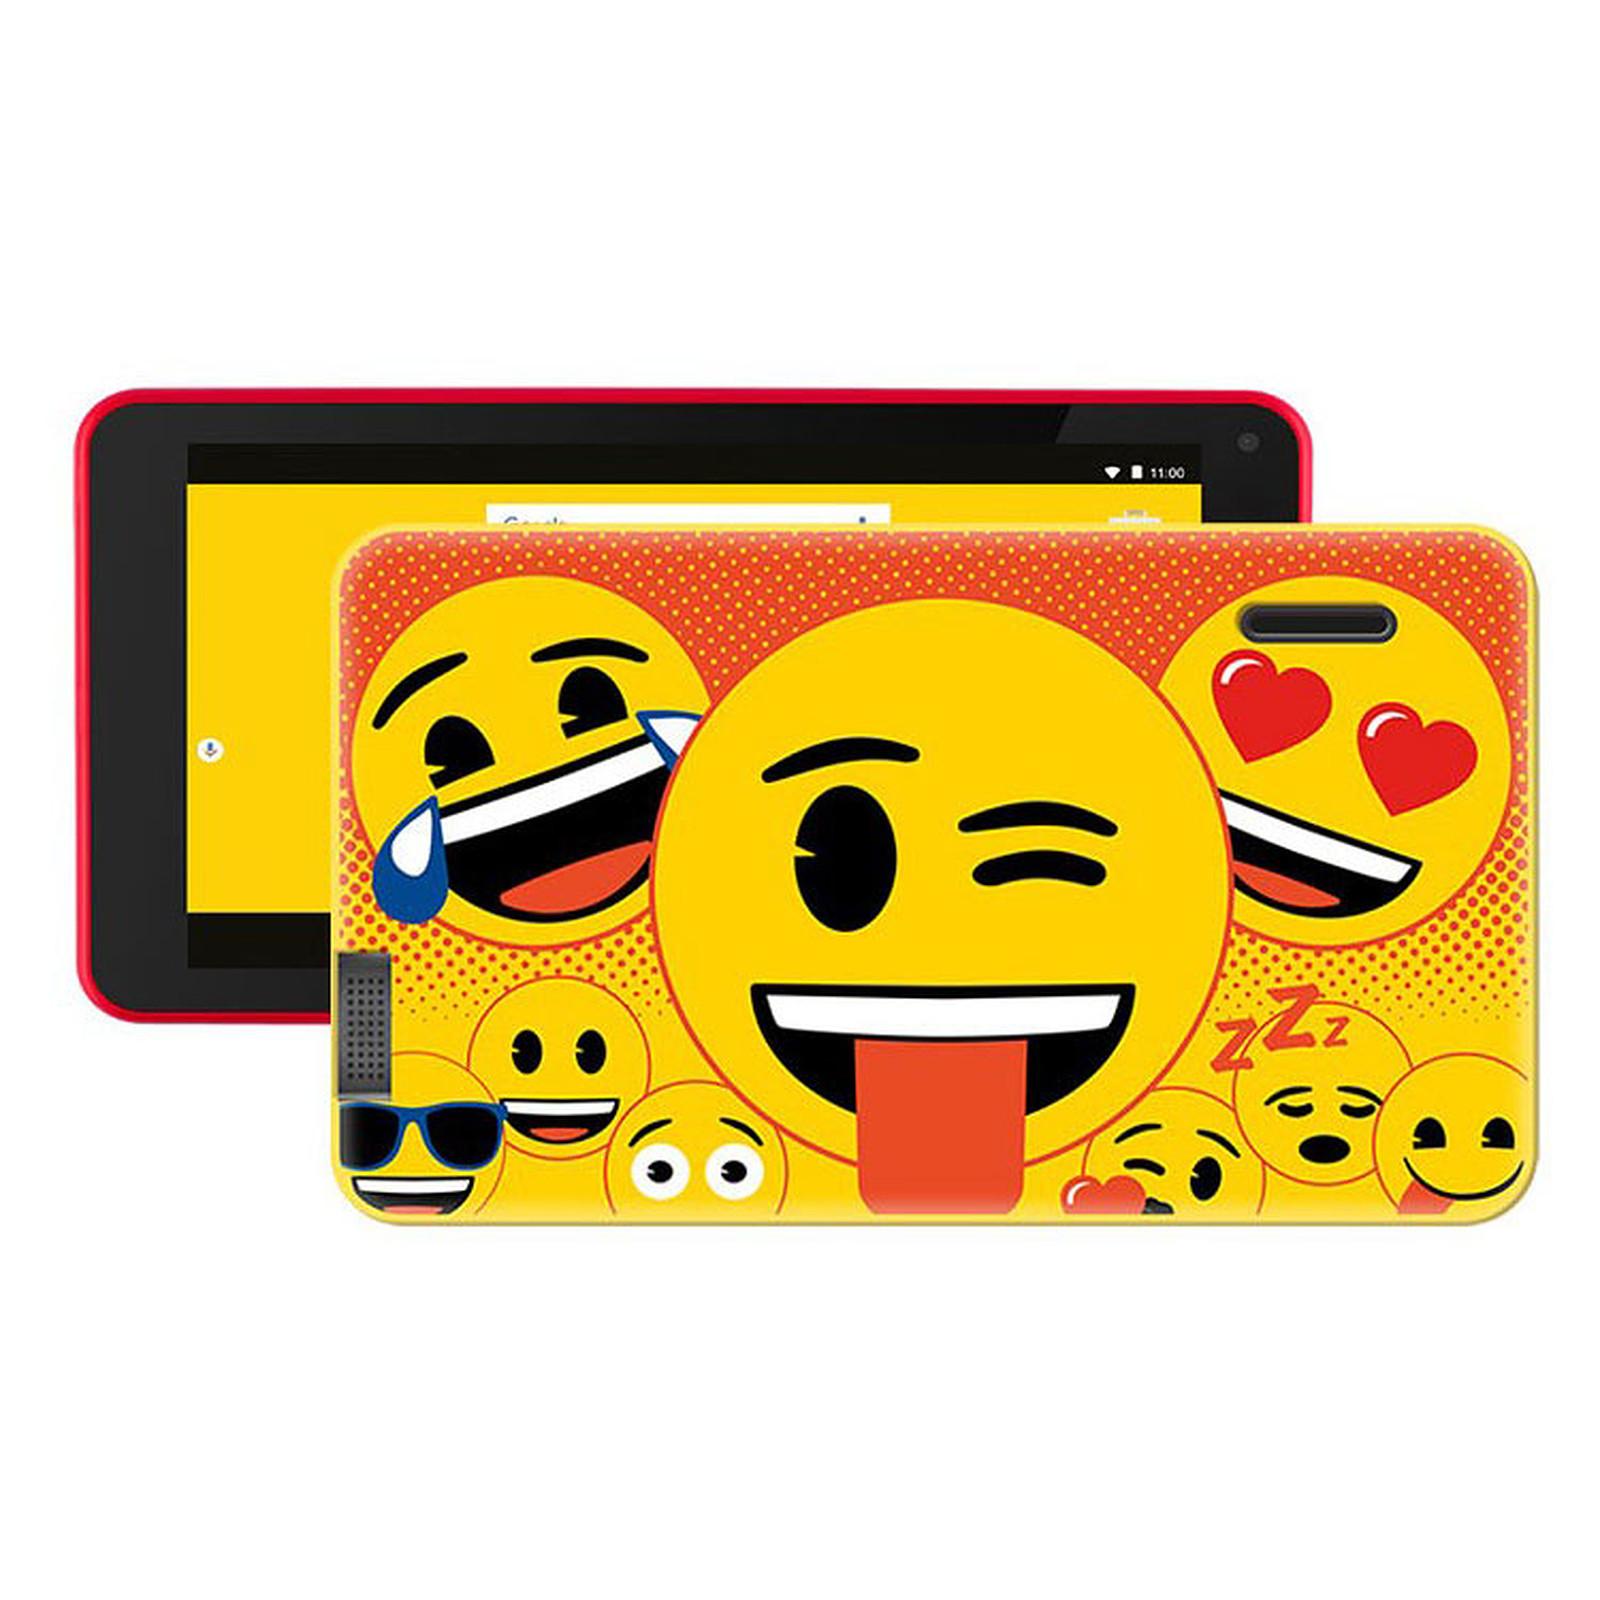 eSTAR HERO Tablet (Emoji v2)